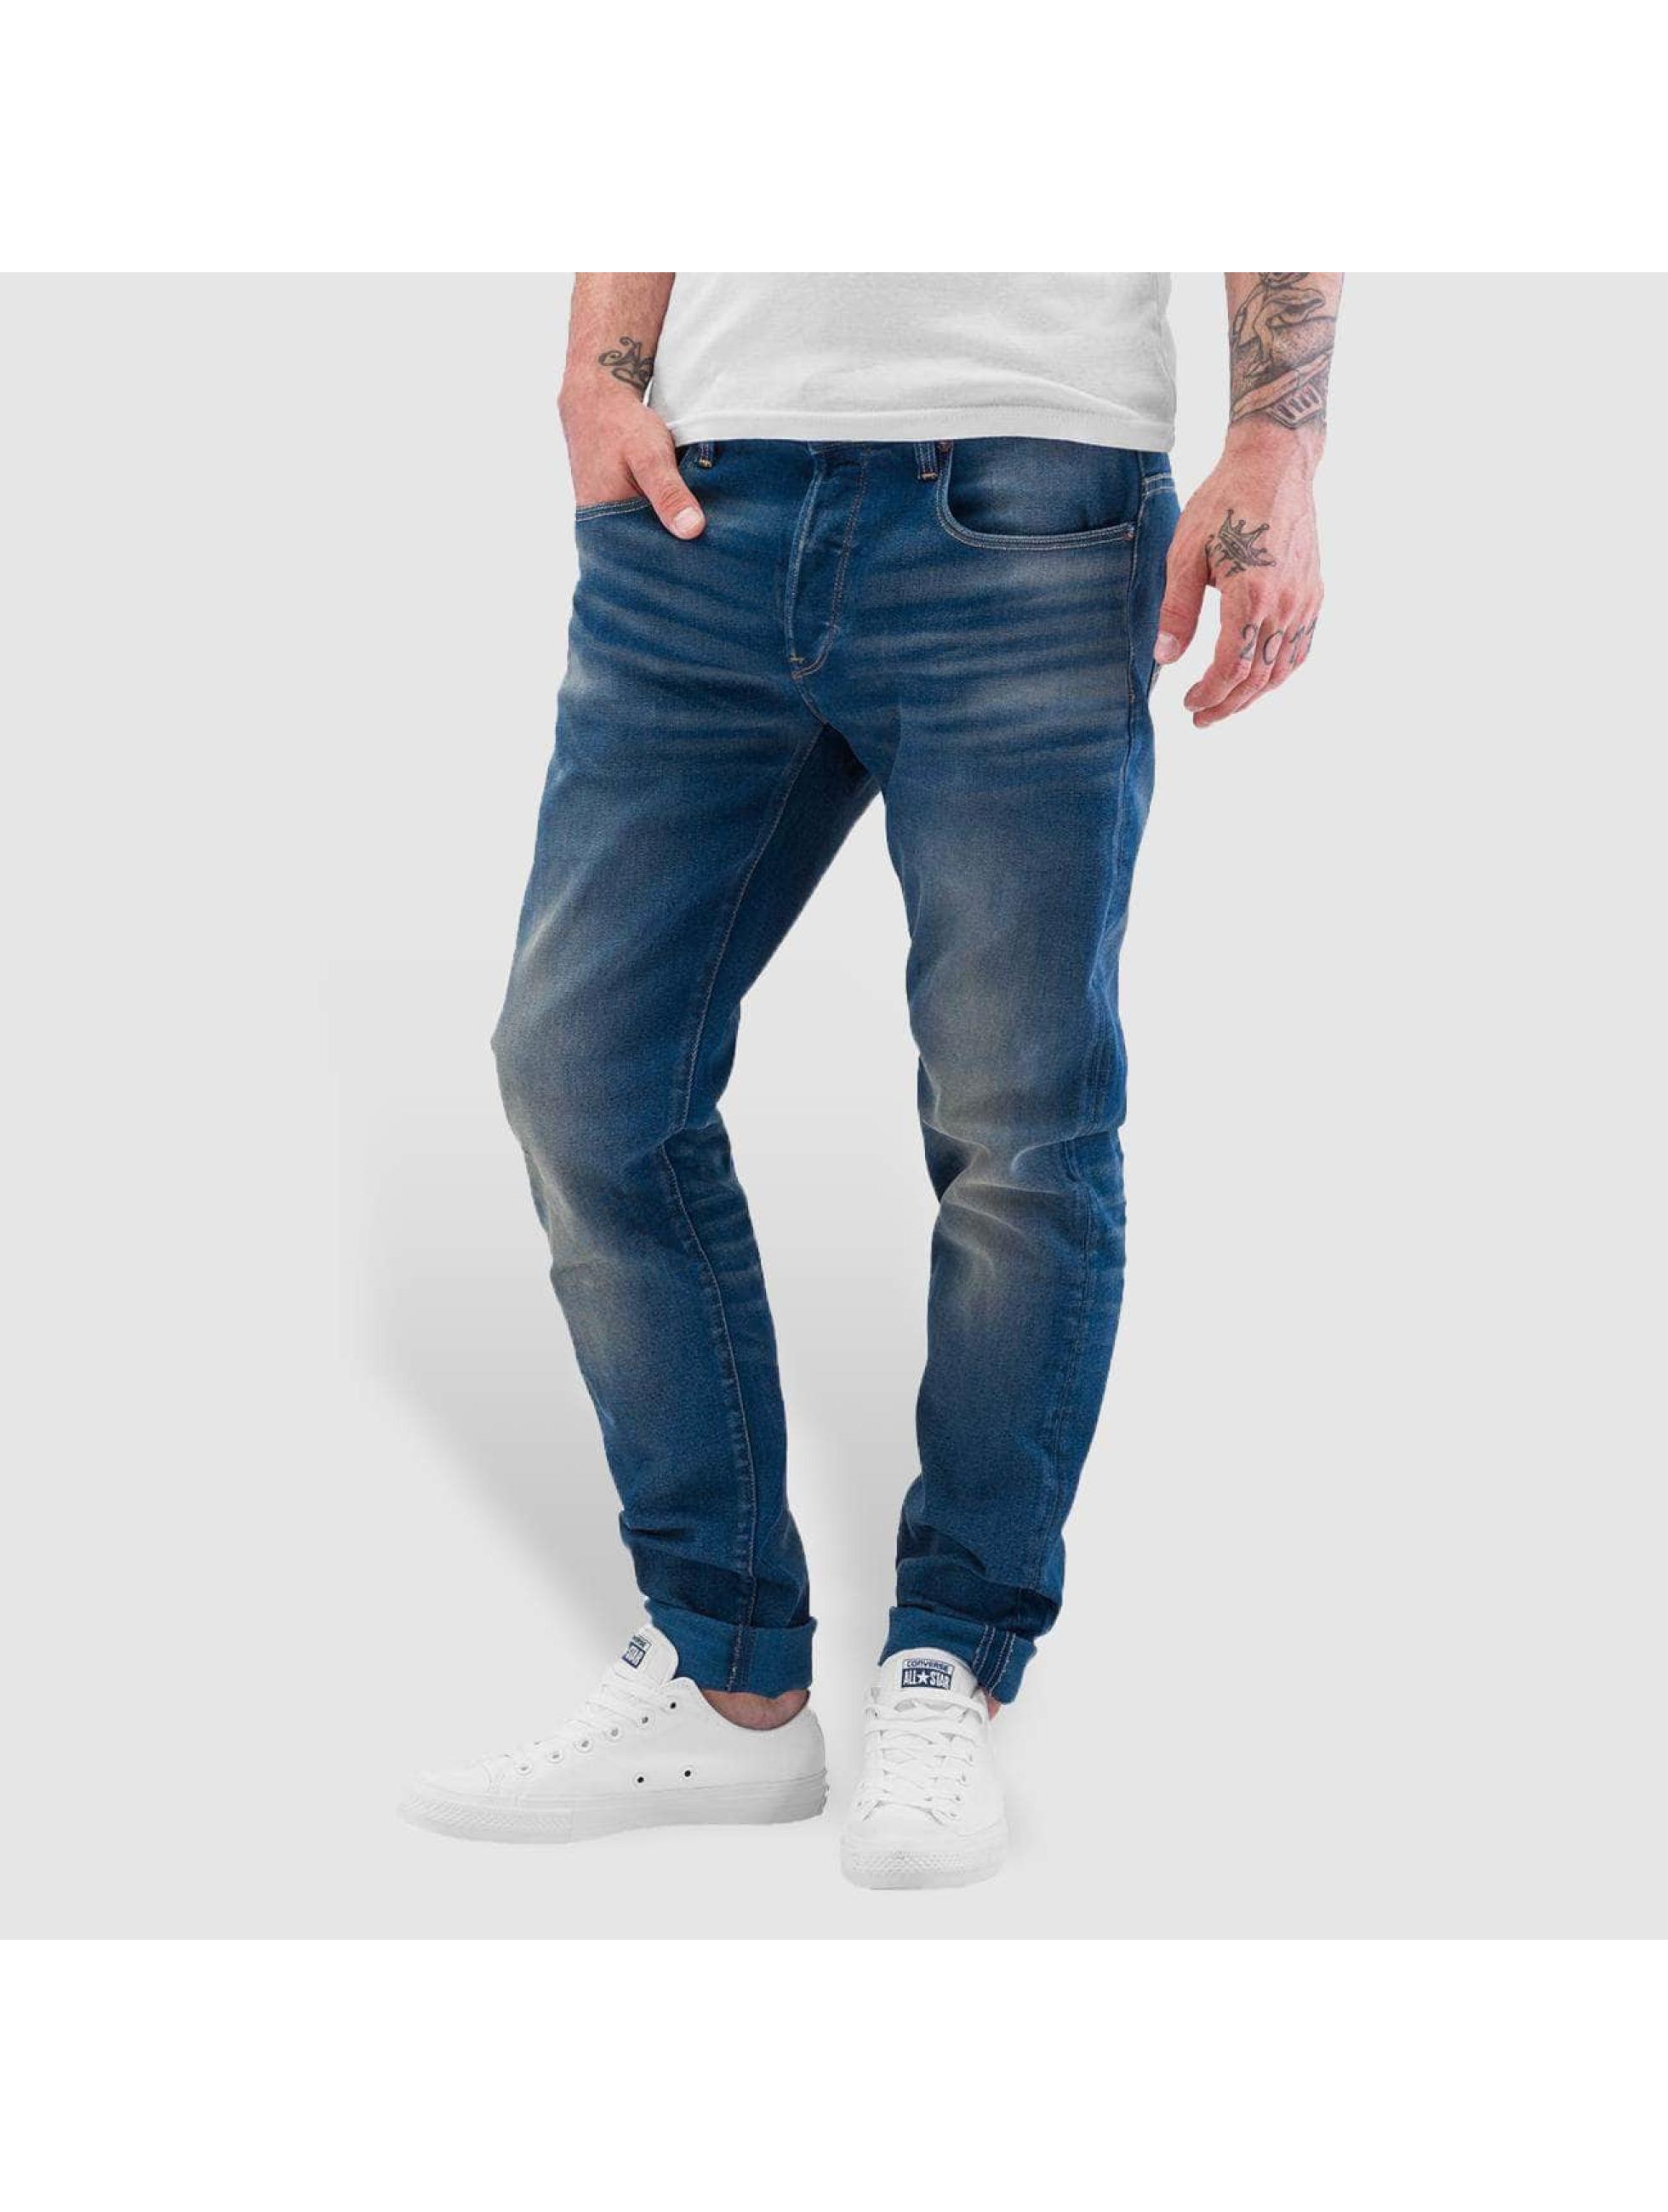 G-Star Skinny jeans 3301 Slim blauw